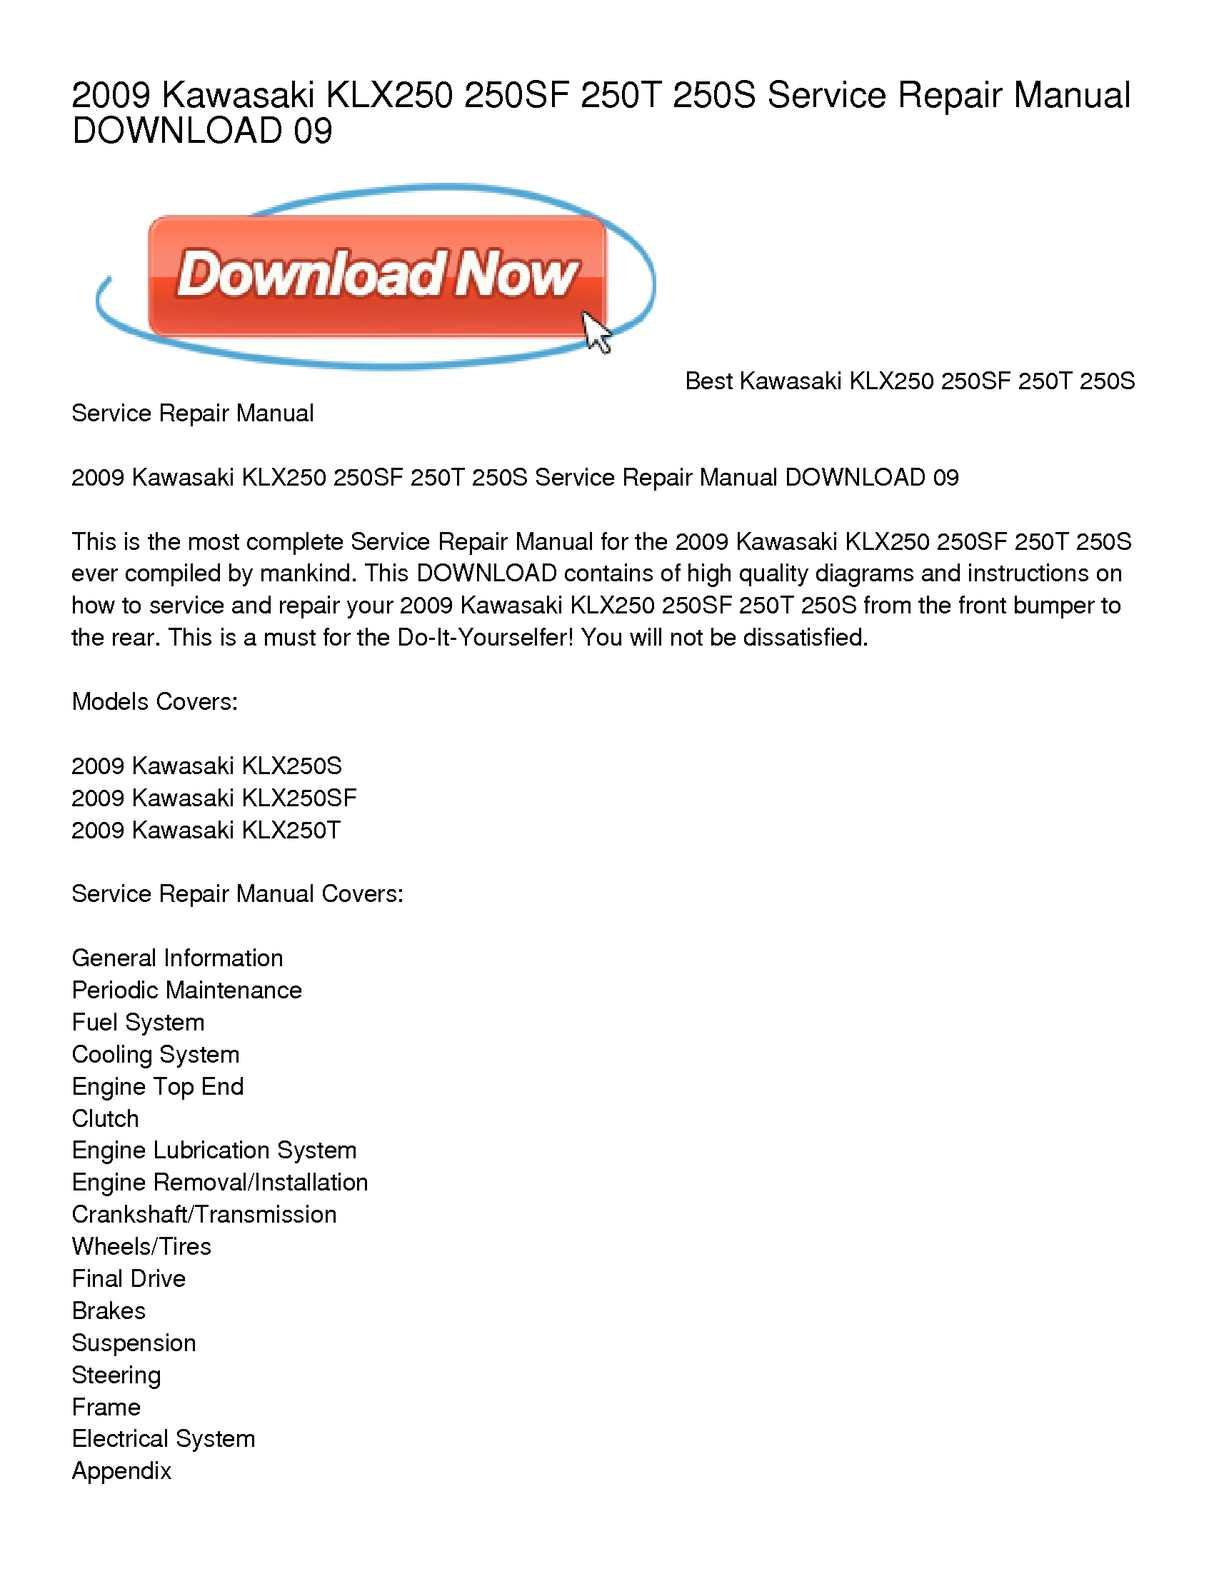 Calamo 2009 Kawasaki Klx250 250sf 250t 250s Service Repair Manual Klr 250 Wiring Diagram Free Download 09